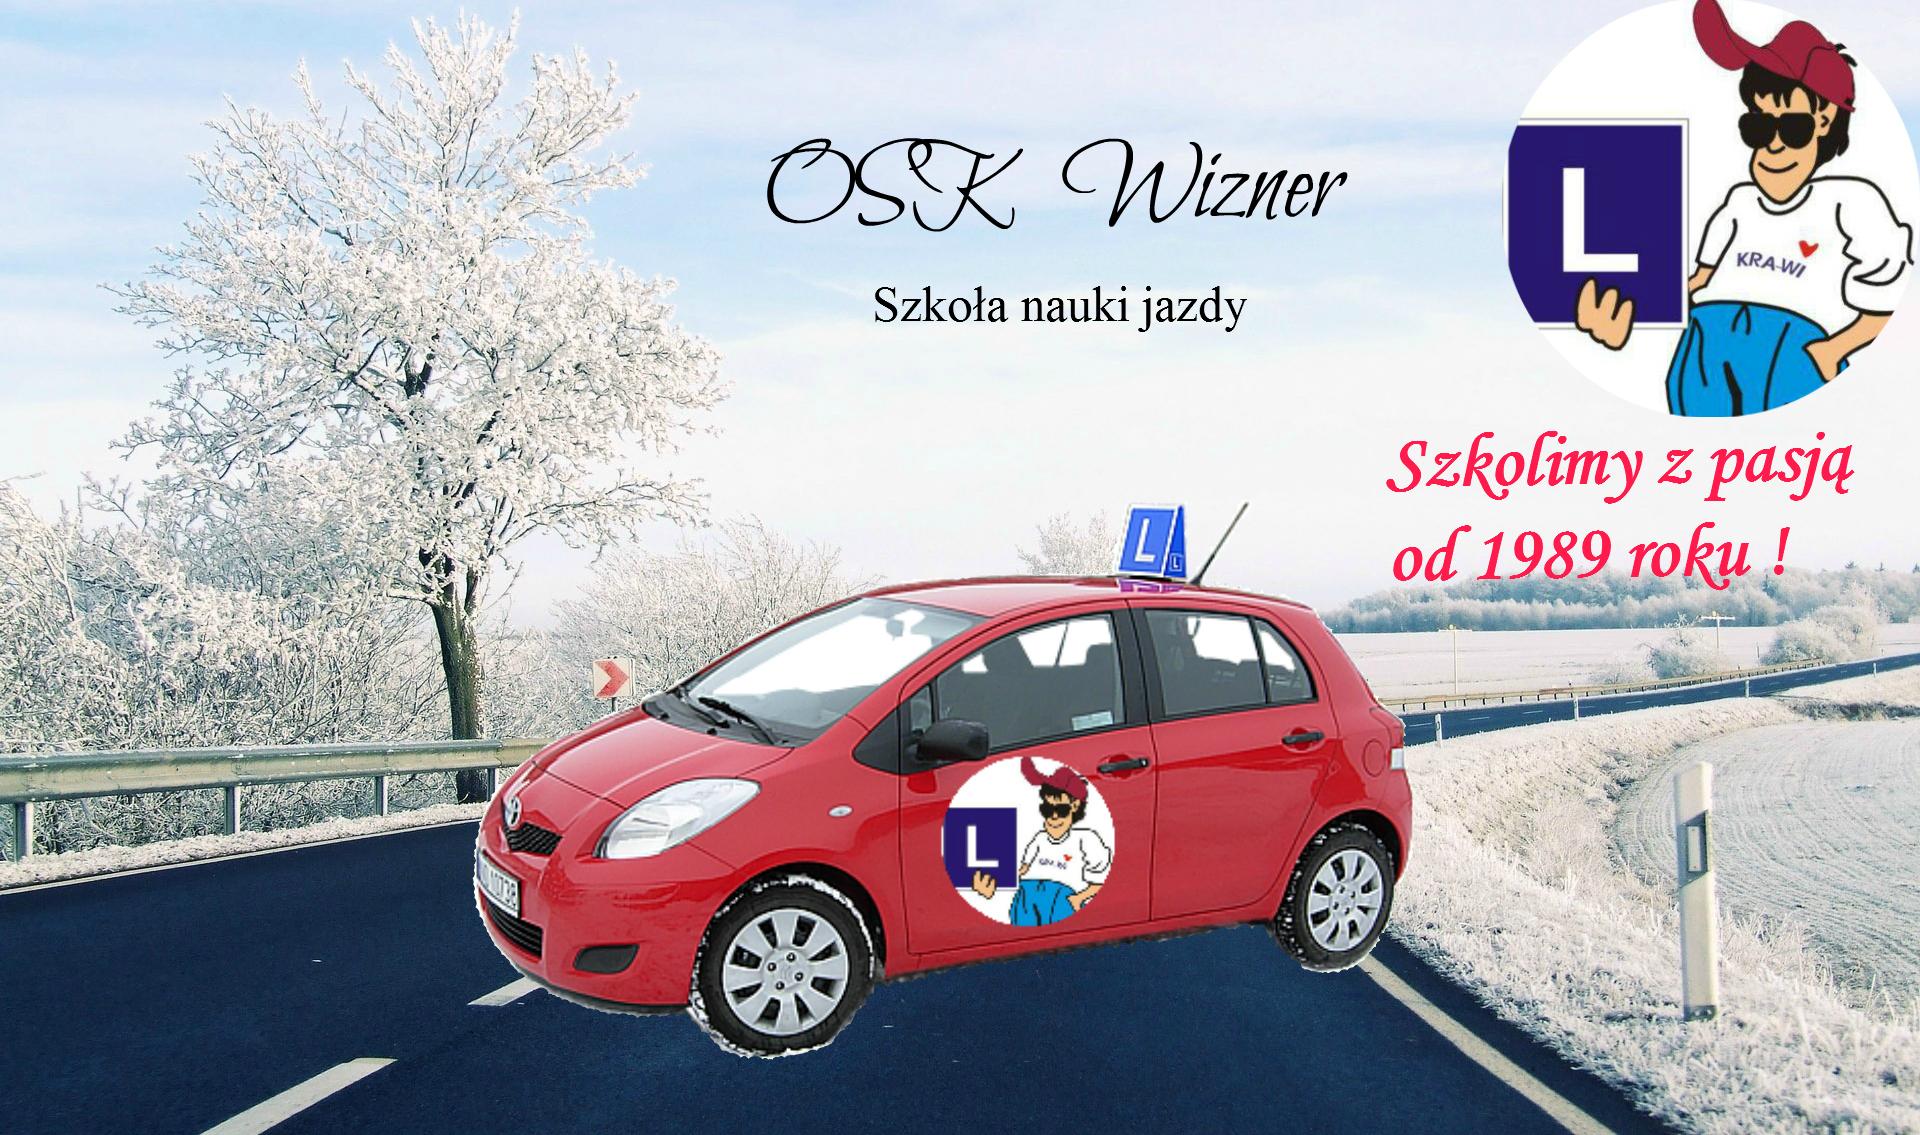 osk wizner szkoła nauki jazdy w Czechowicach-Dziedzicach, prawo jazdy zima 2016 i 2017